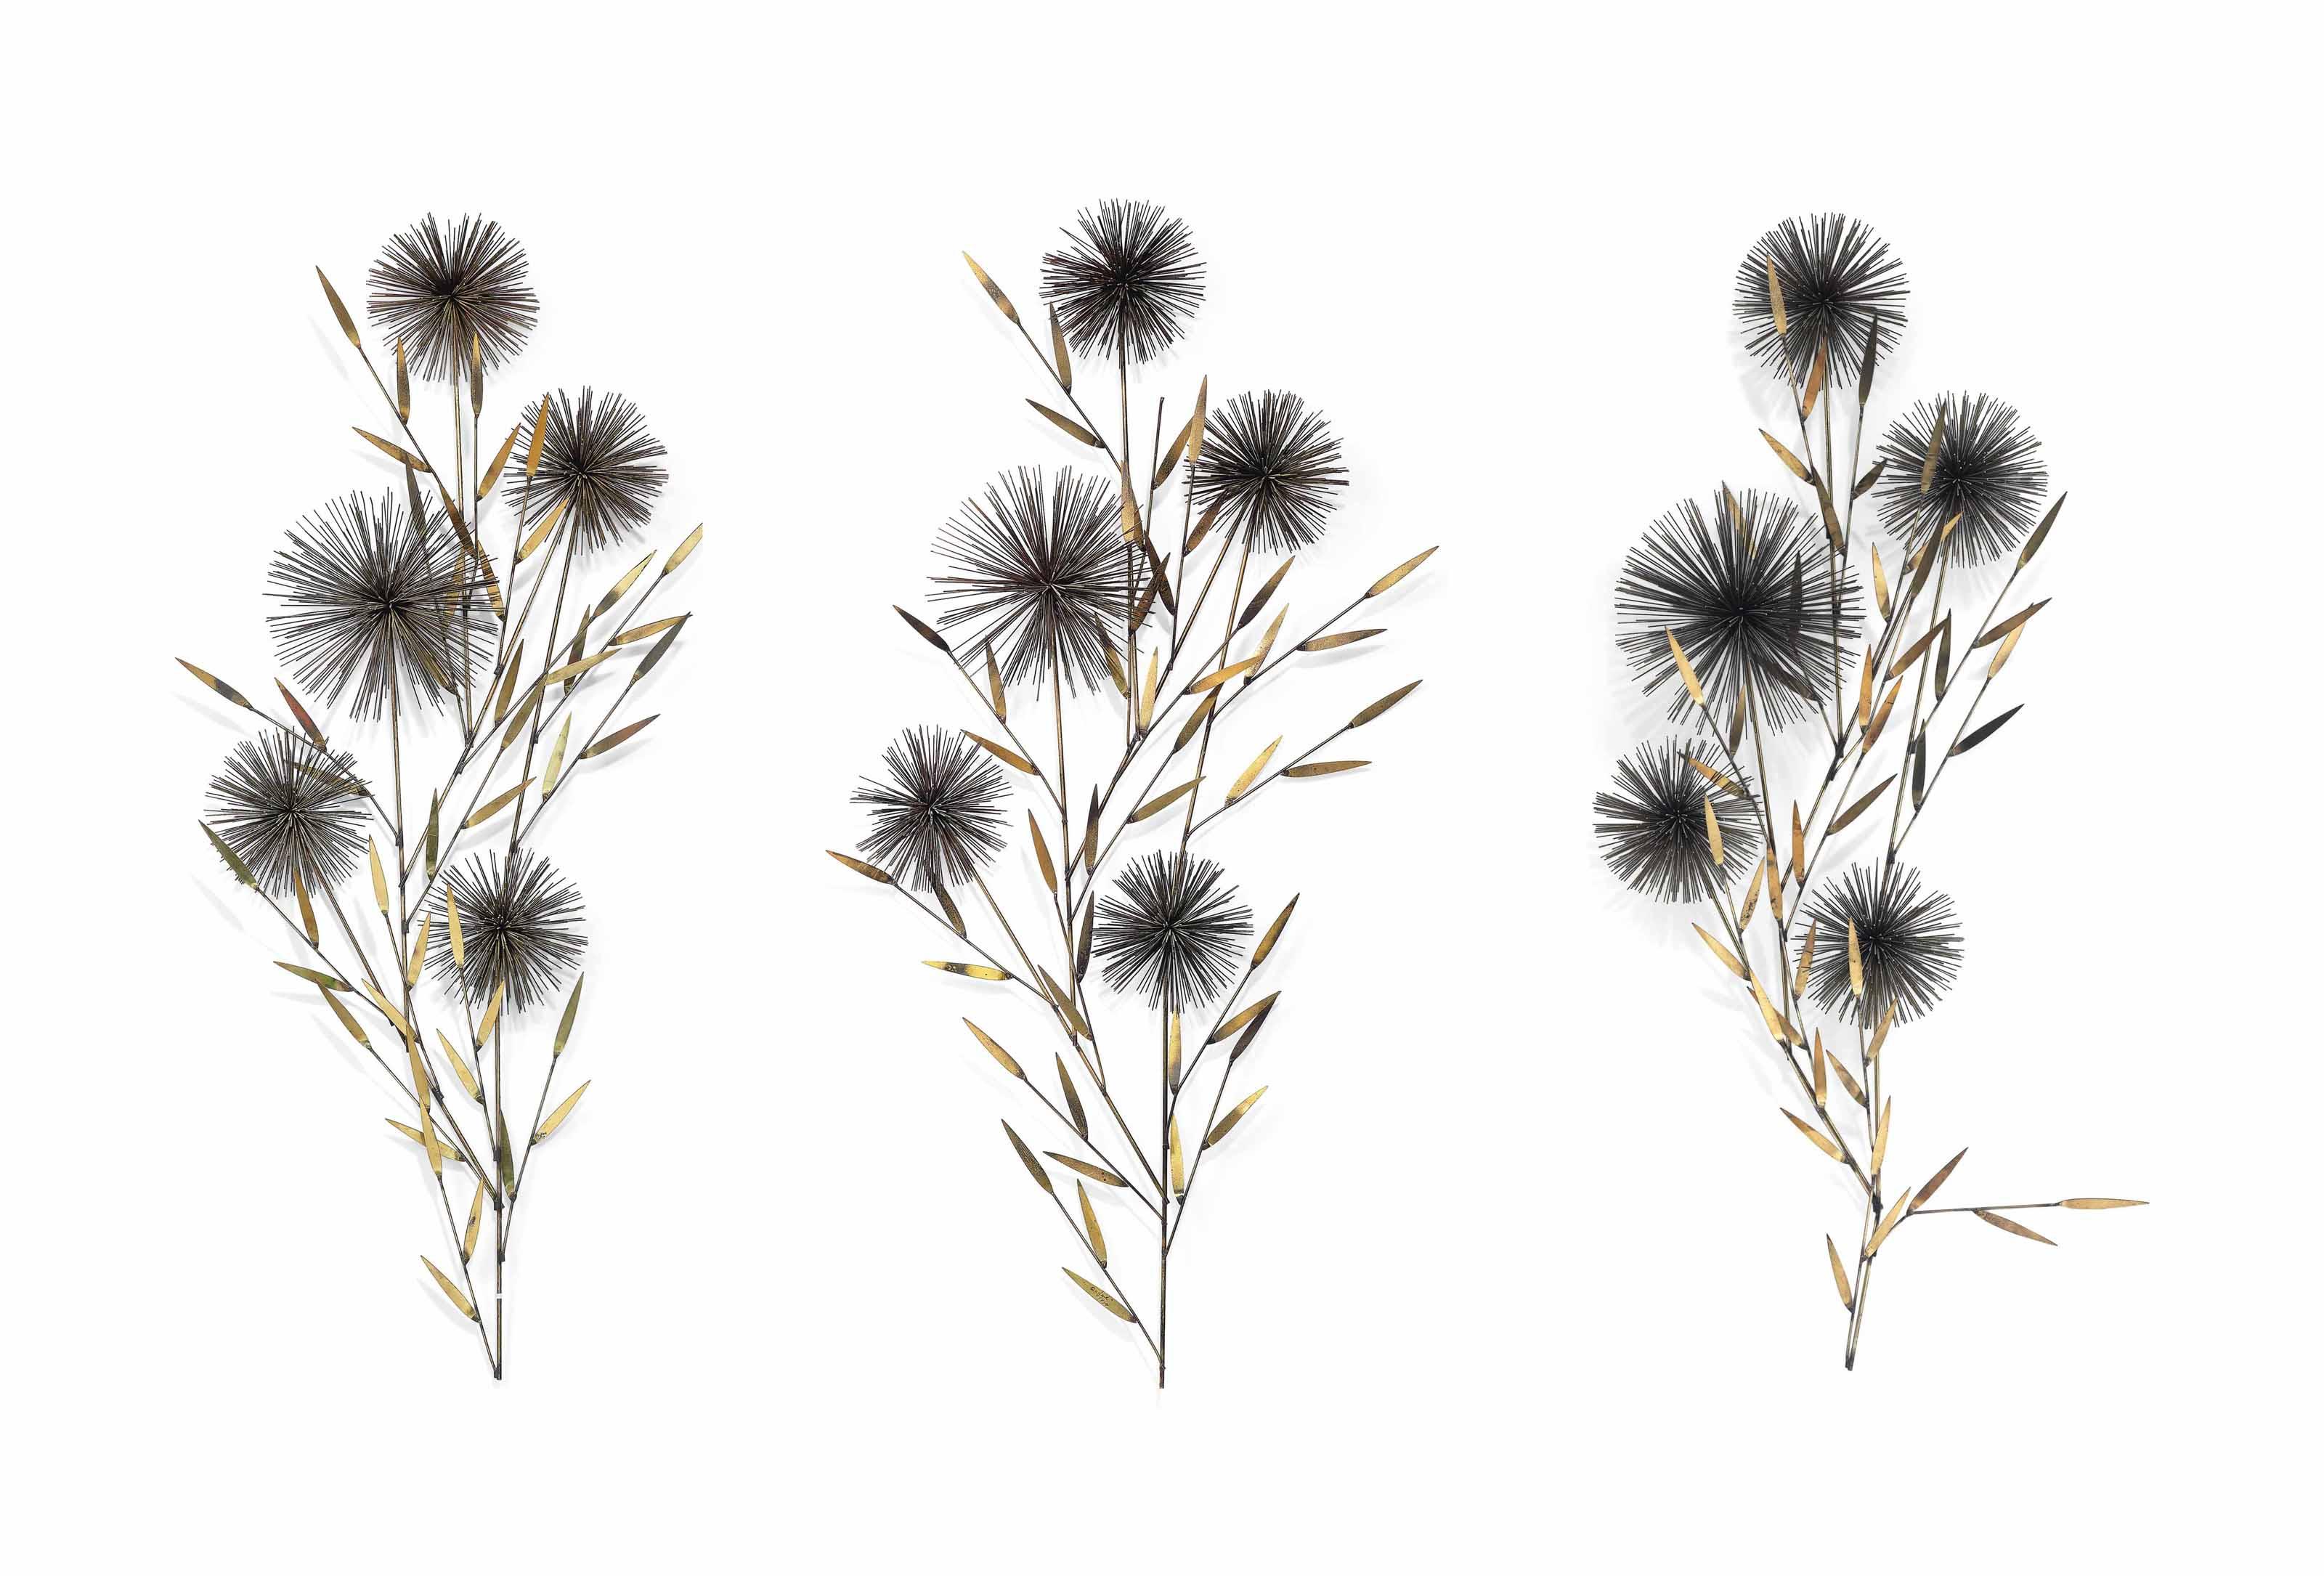 A SET OF THREE GILT-METAL 'FLOWER' WALL SCULPTURES